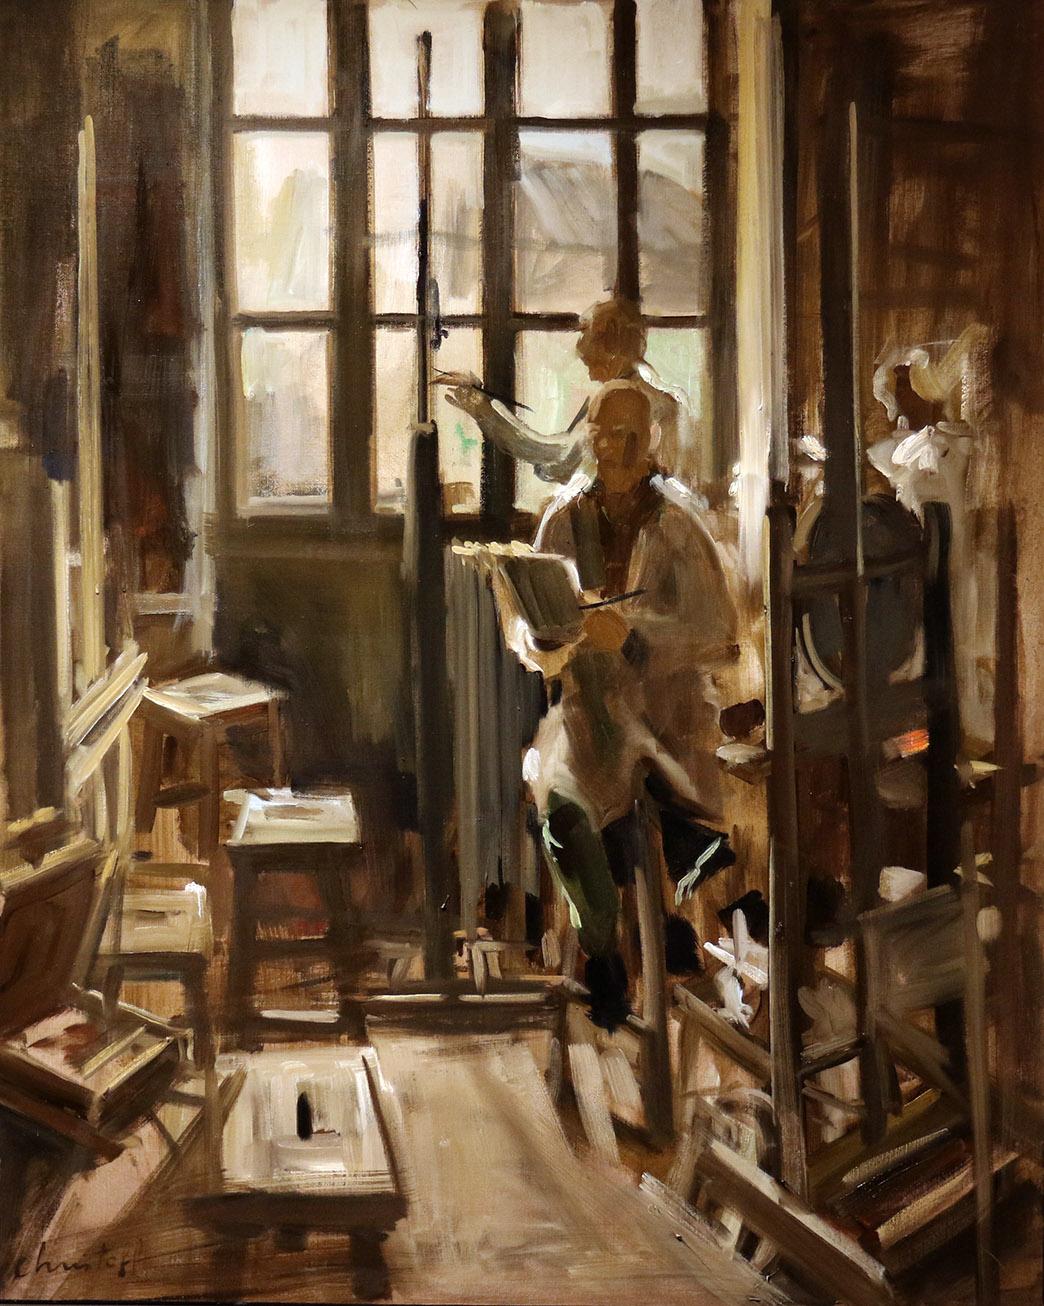 Christoff DEBUSSCHERE - 80 - Les peintres - 40F (100 x 81 cm)